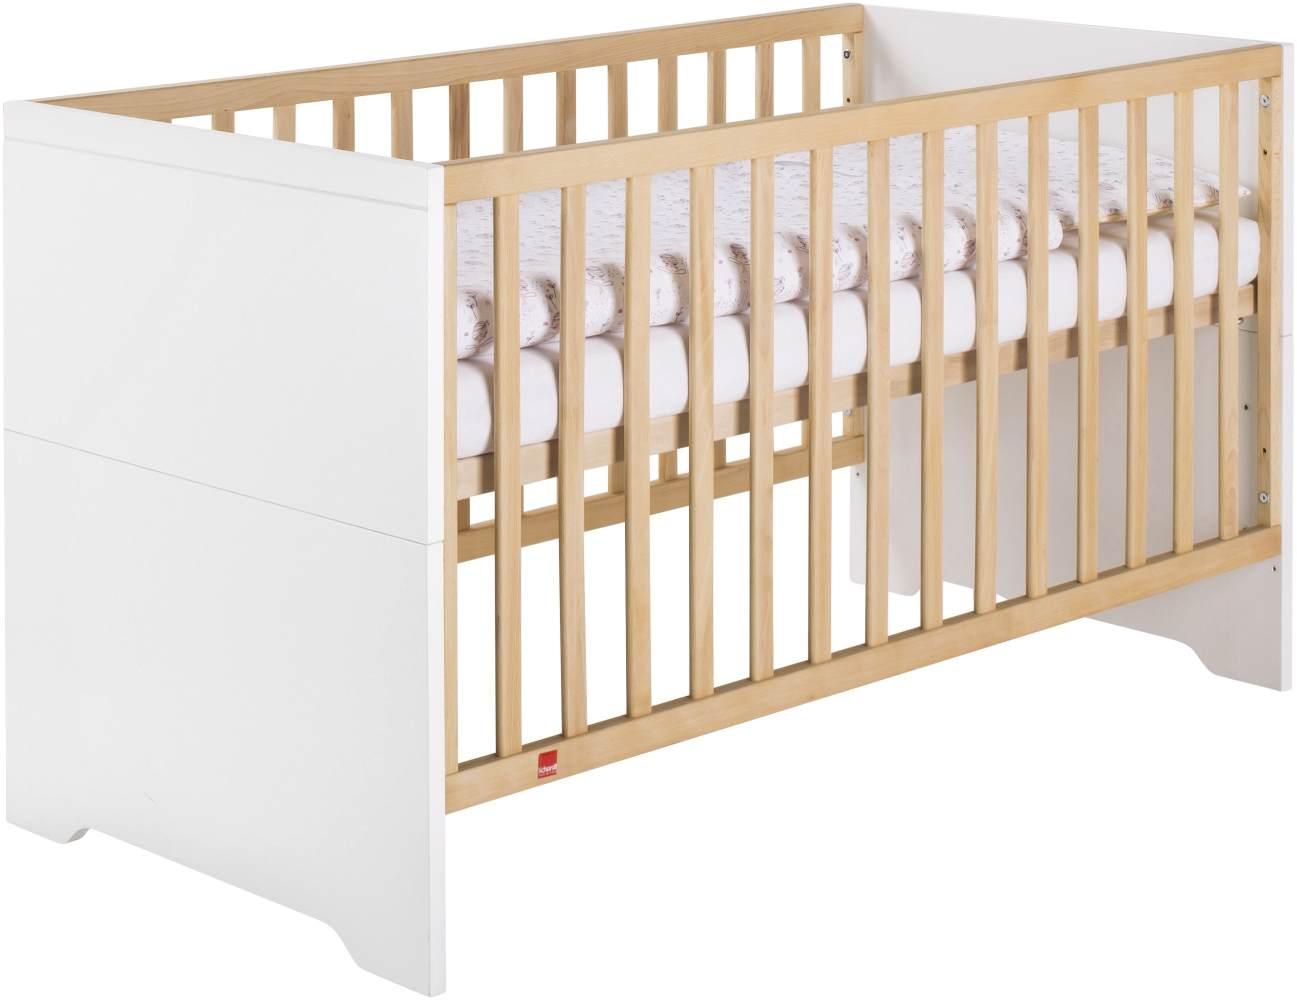 Schardt 'Coco White' Kombi-Kinderbett 70x140 cm, weiß Bild 1